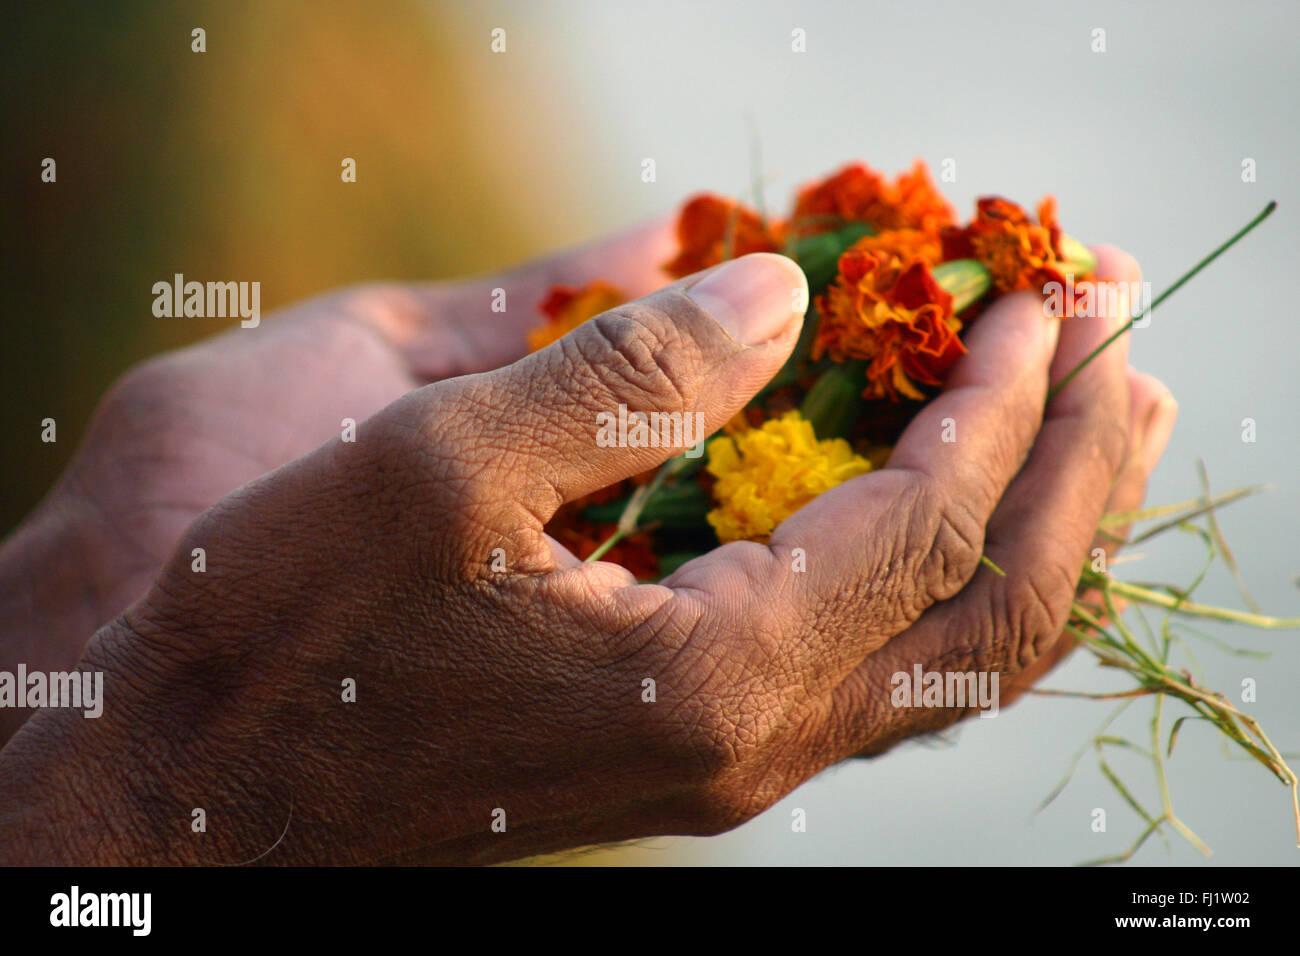 Puja di fiori di Varanasi, India - Architettura e quotidianamente la vita di strada Immagini Stock